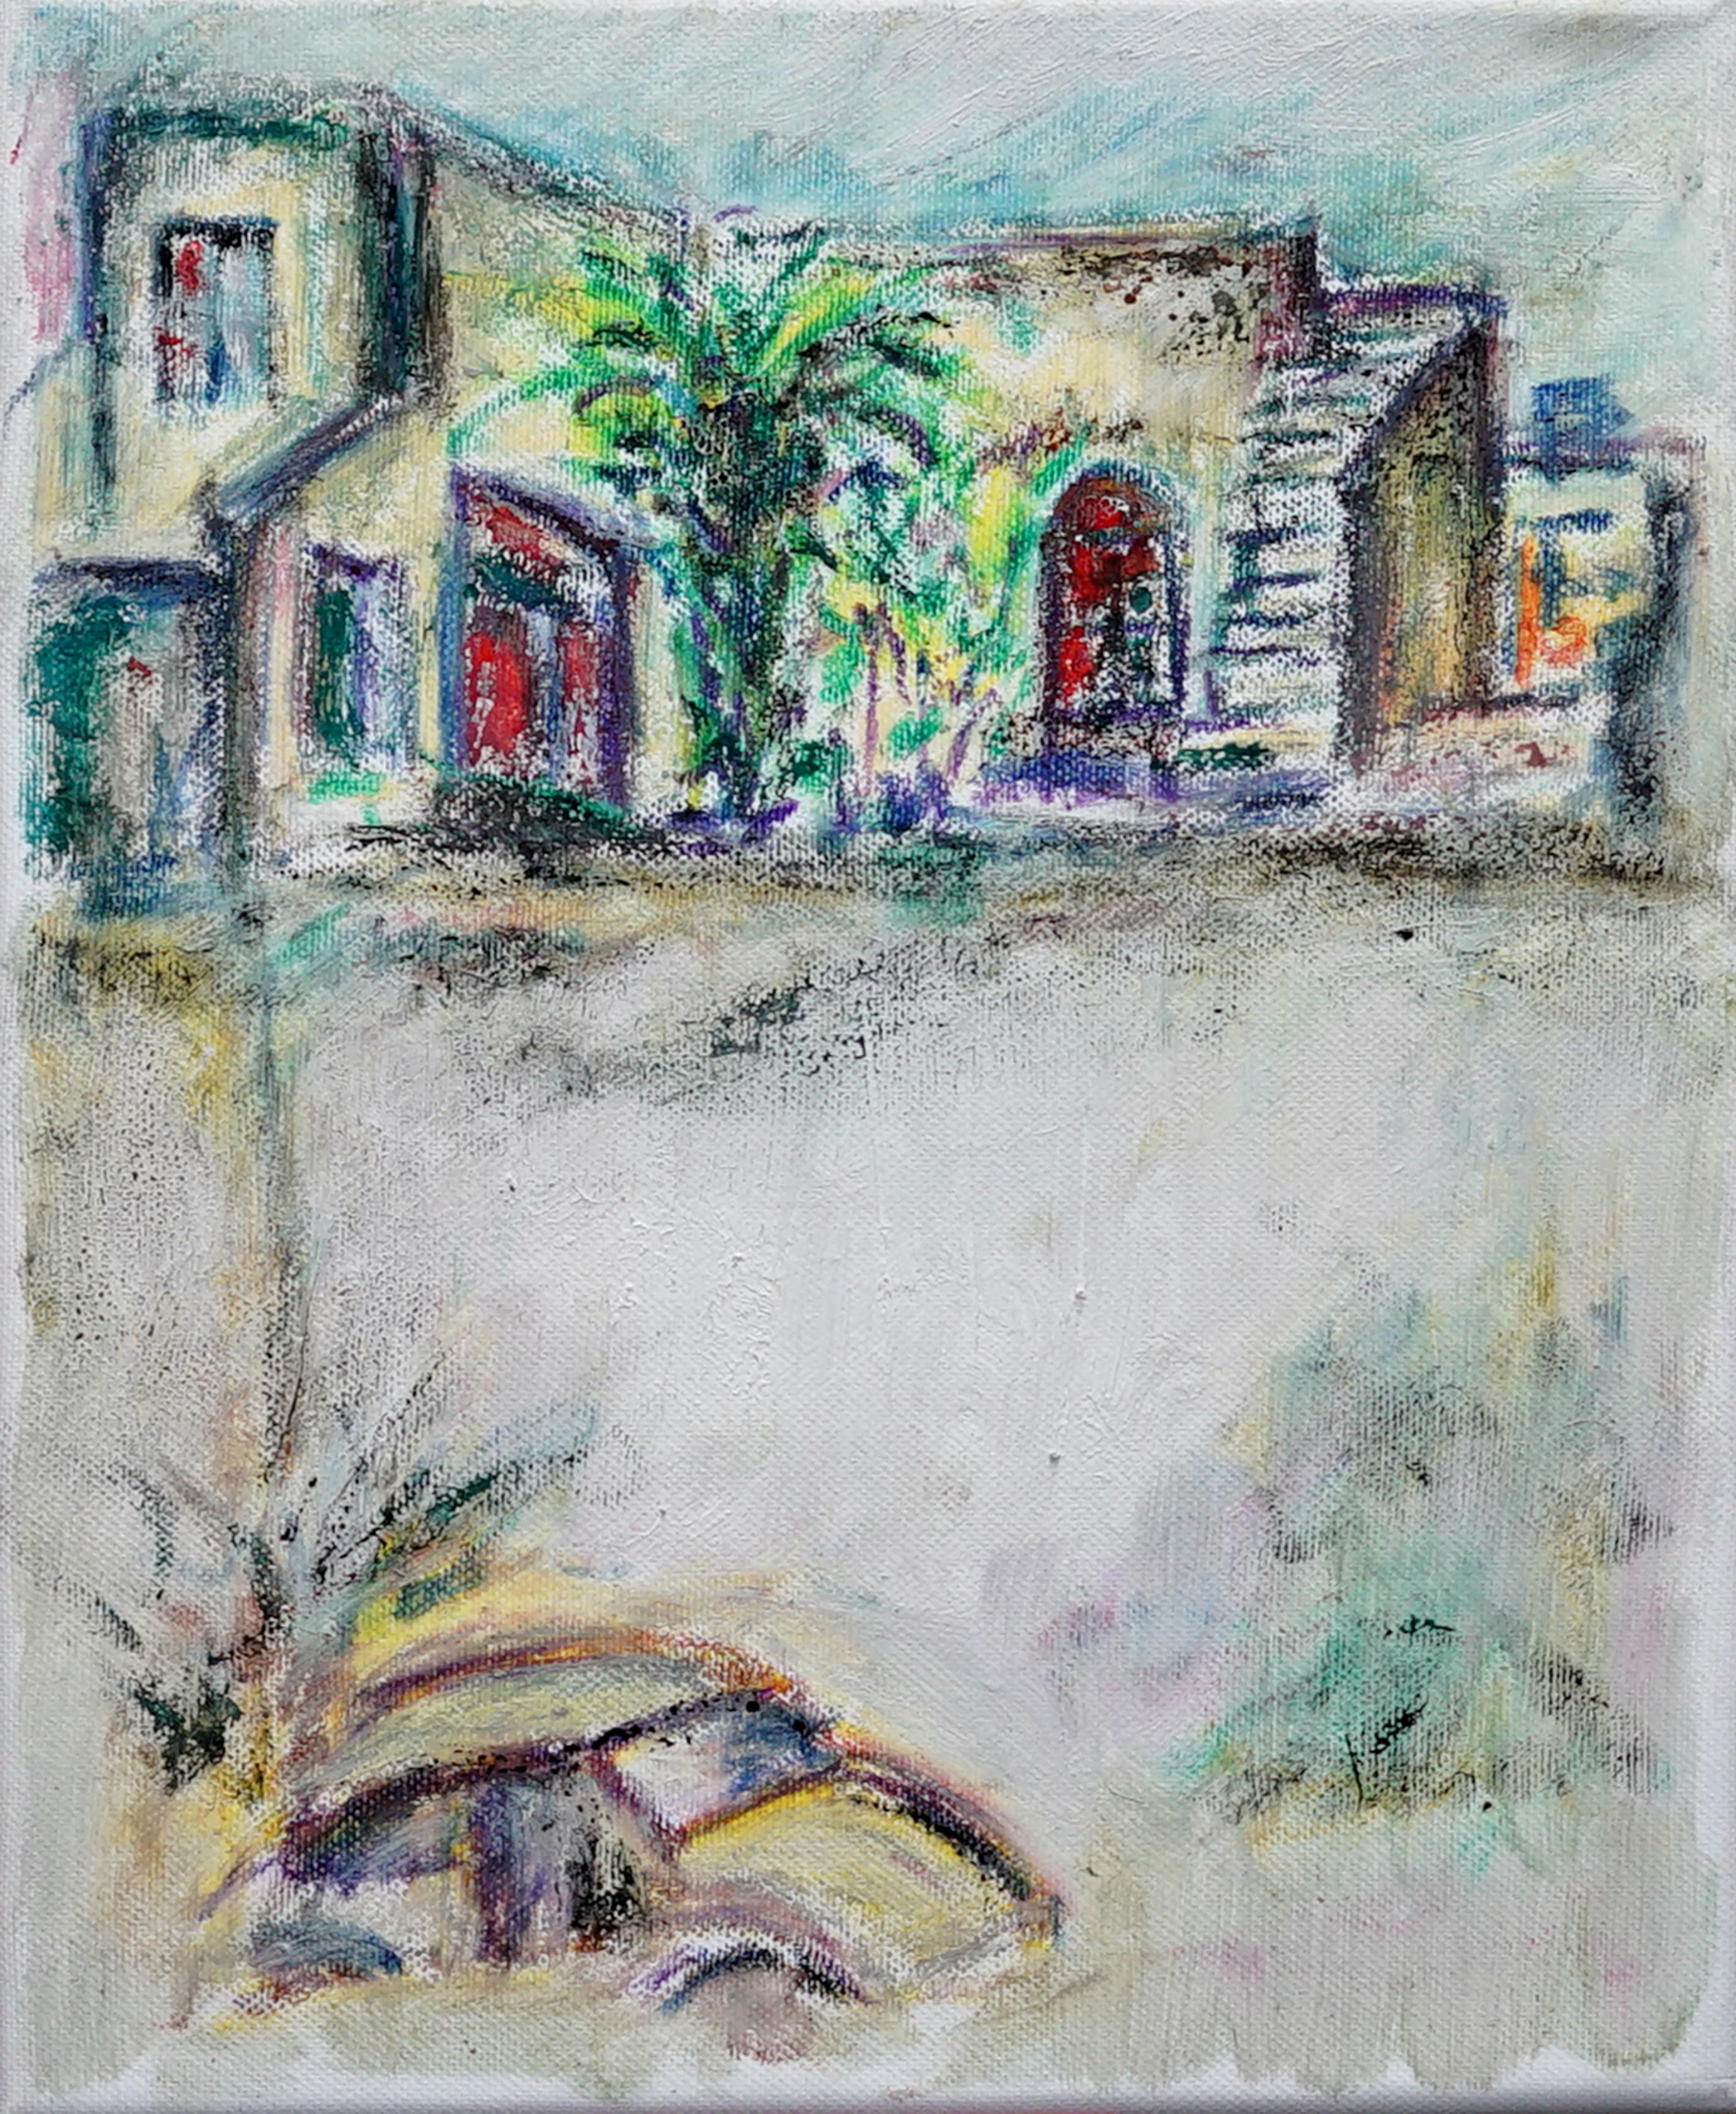 landscape 24x30cm, pastel